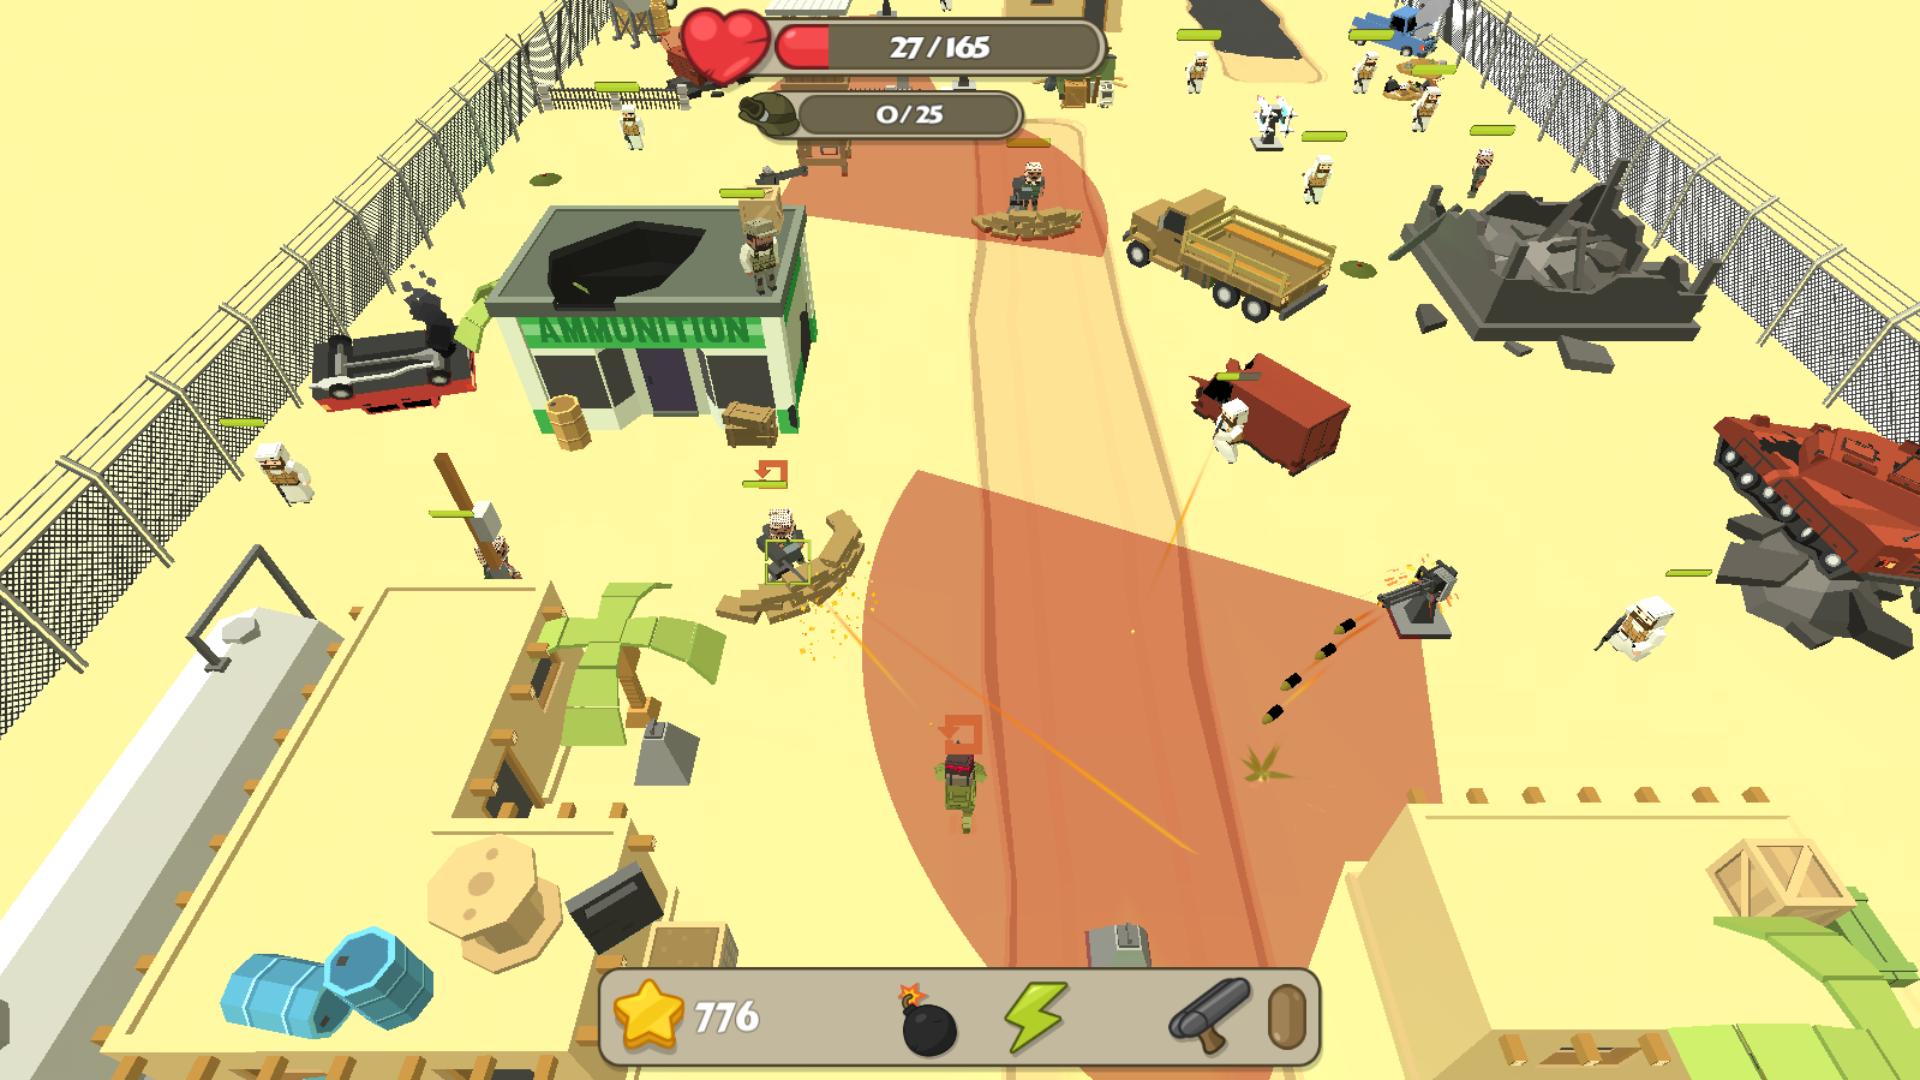 Backstorm Attack - Endless RPG War Runner screenshot 14